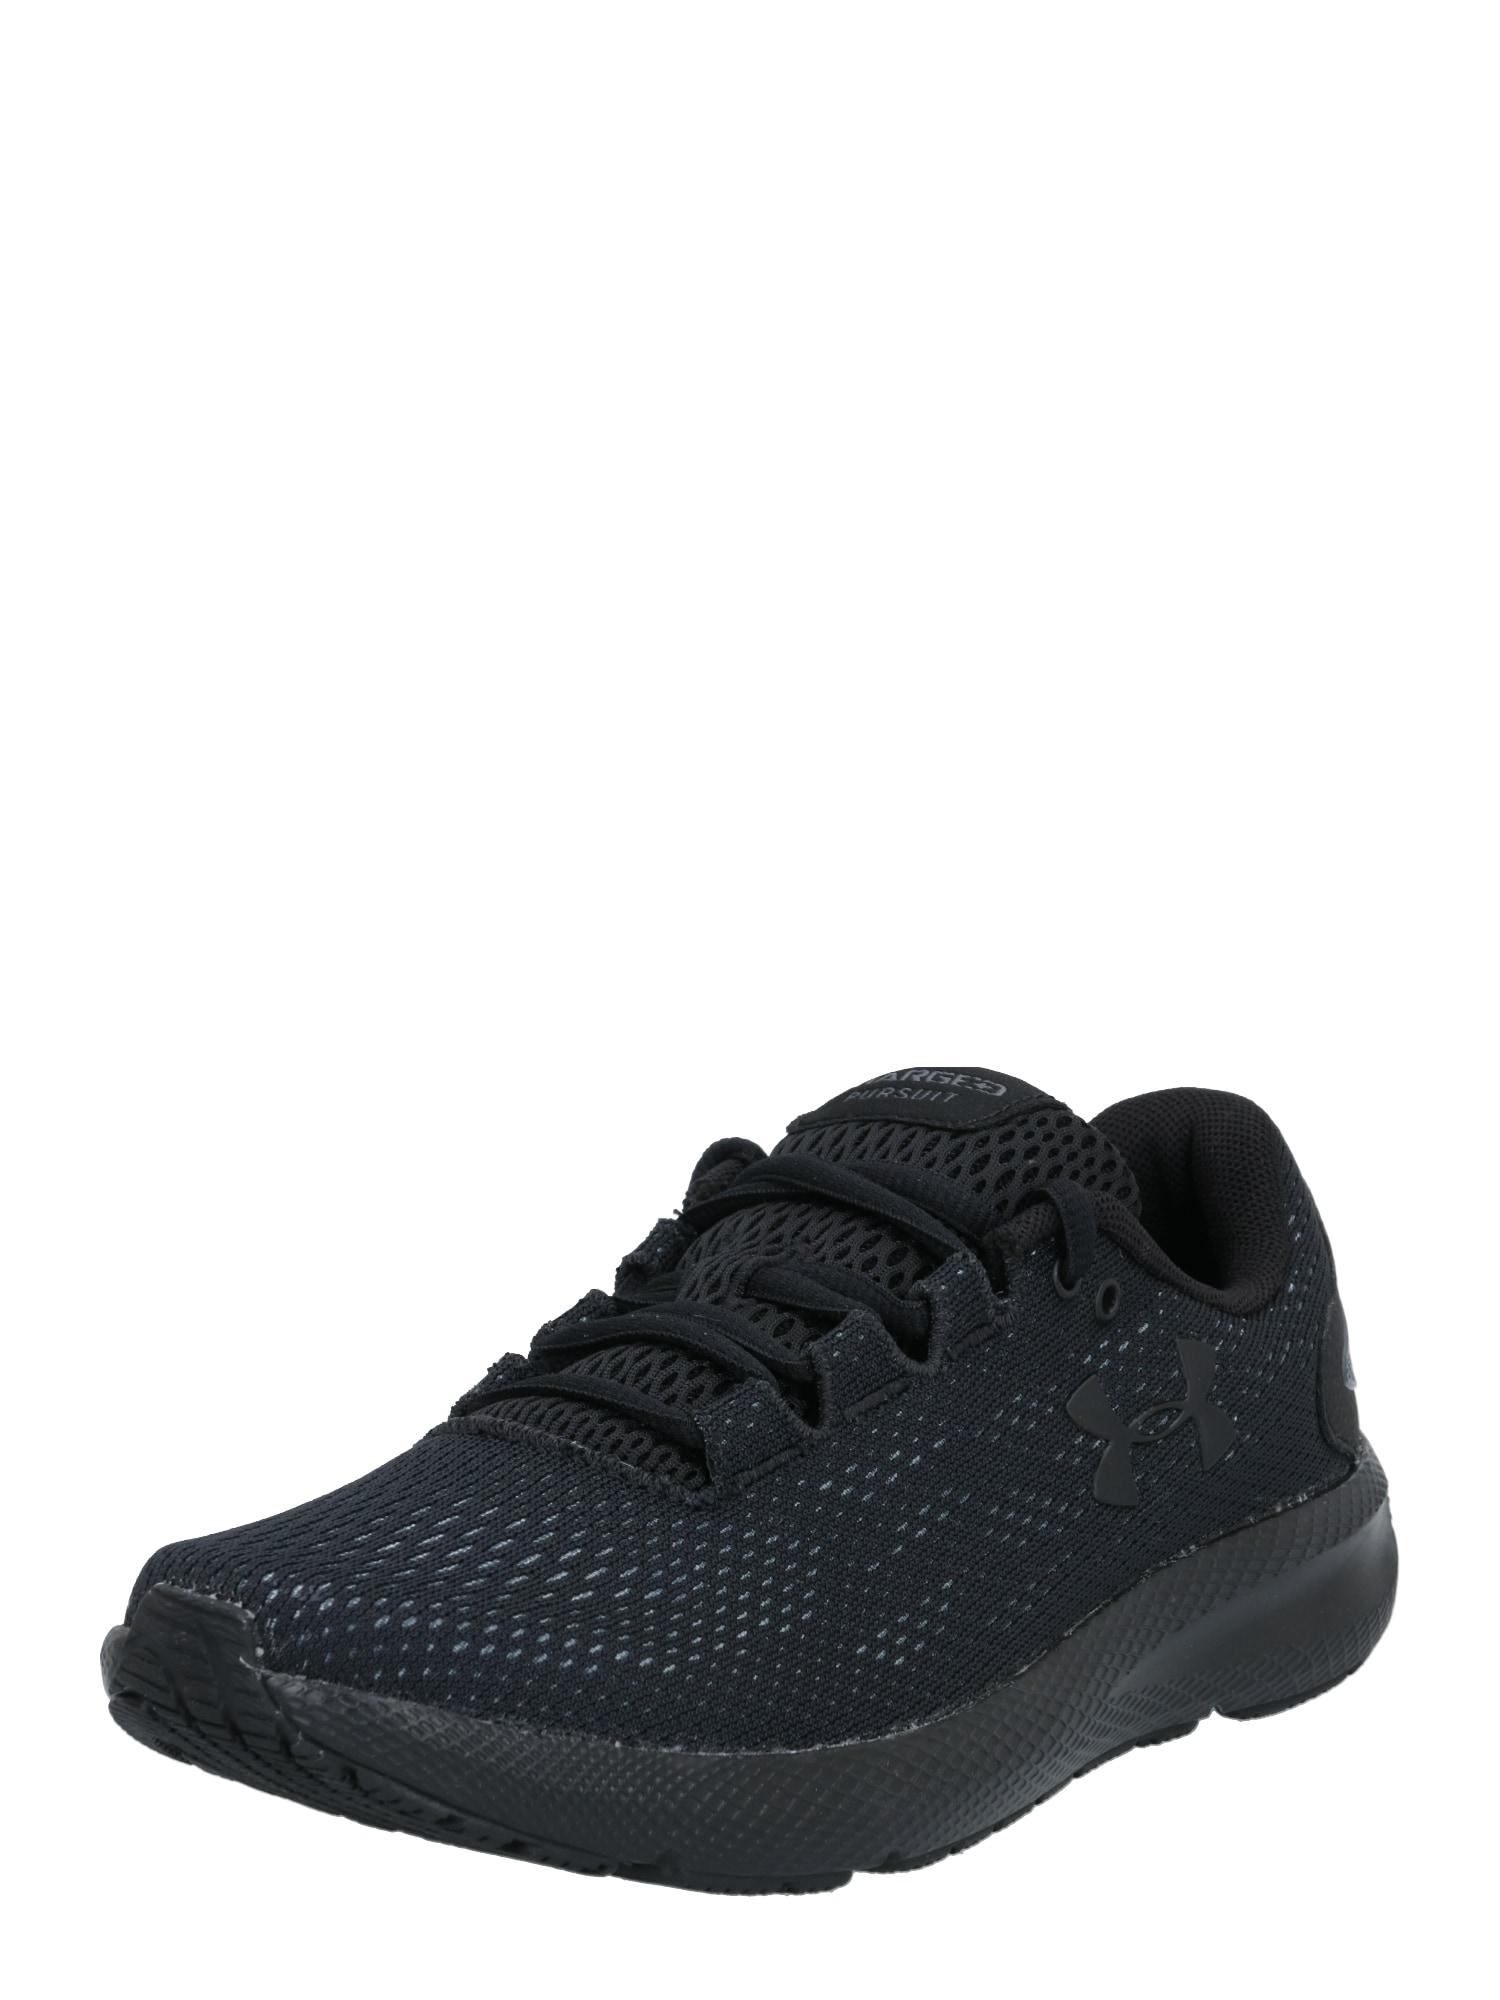 UNDER ARMOUR Bėgimo batai juoda